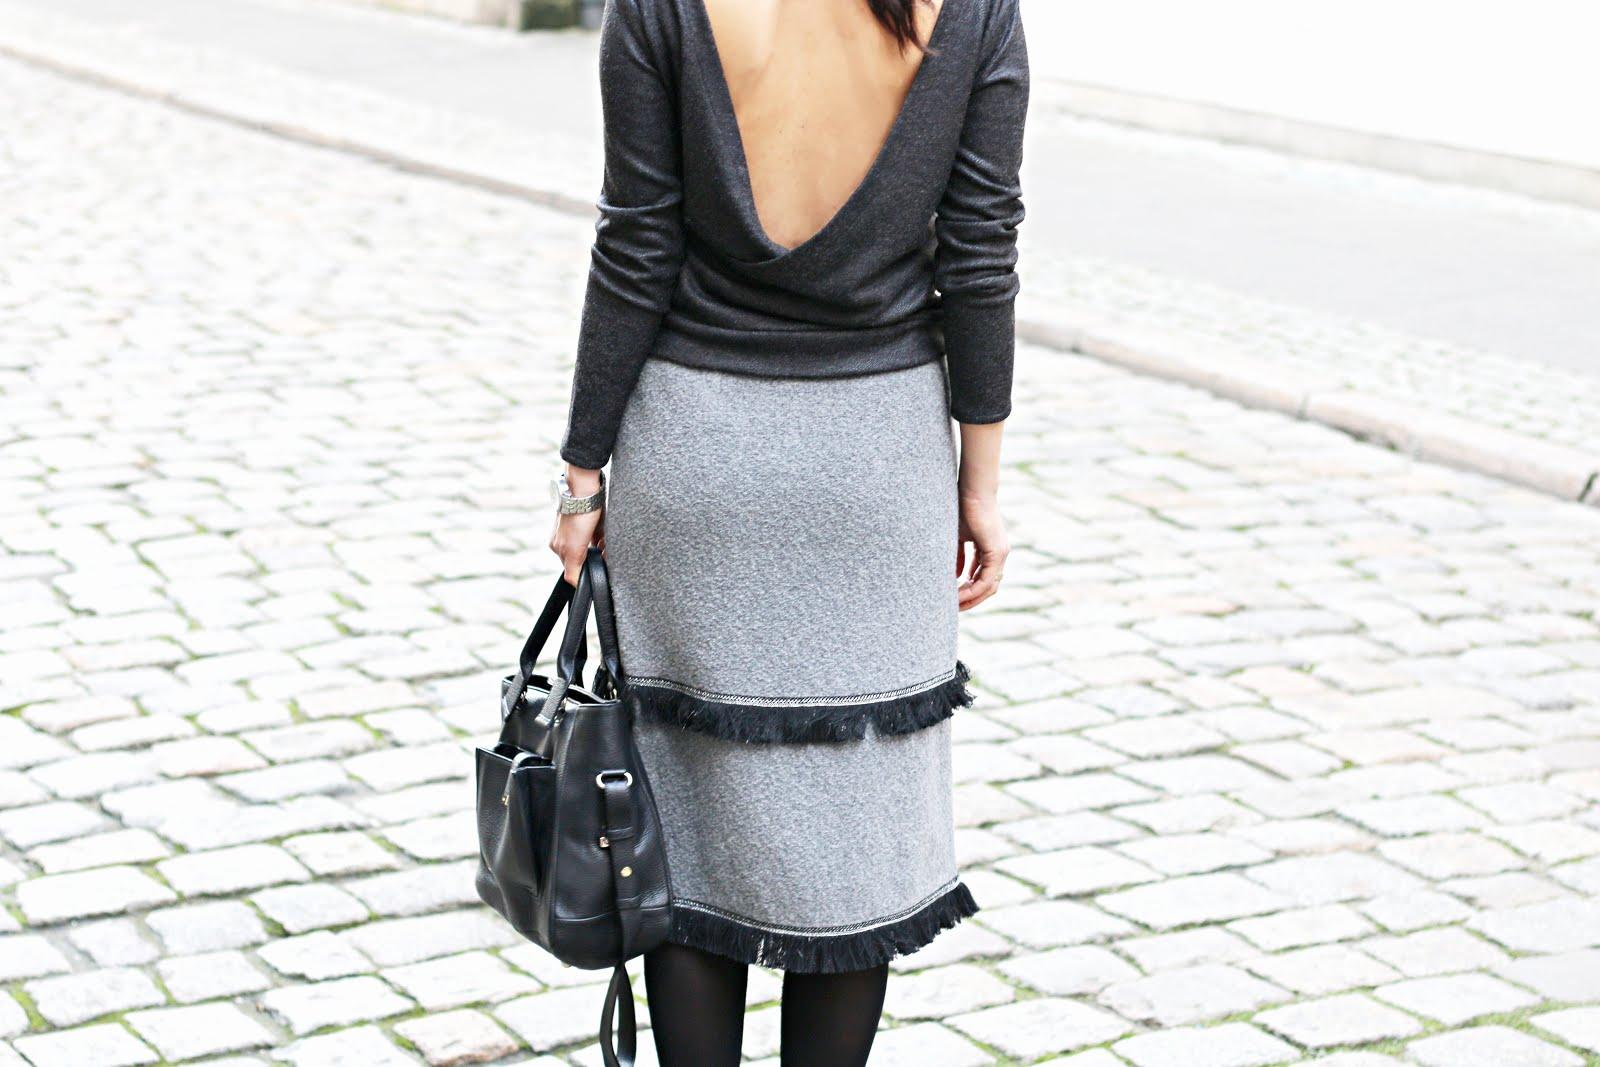 zimowa moda, zimowe stylizacje, moda zima, sweter z dekoltem z tyłu, vicher, Ewa Bednarska, futro, wełniana sukienka, novamoda style, novamoda stylizacje, trendy, moda po 30 ce,